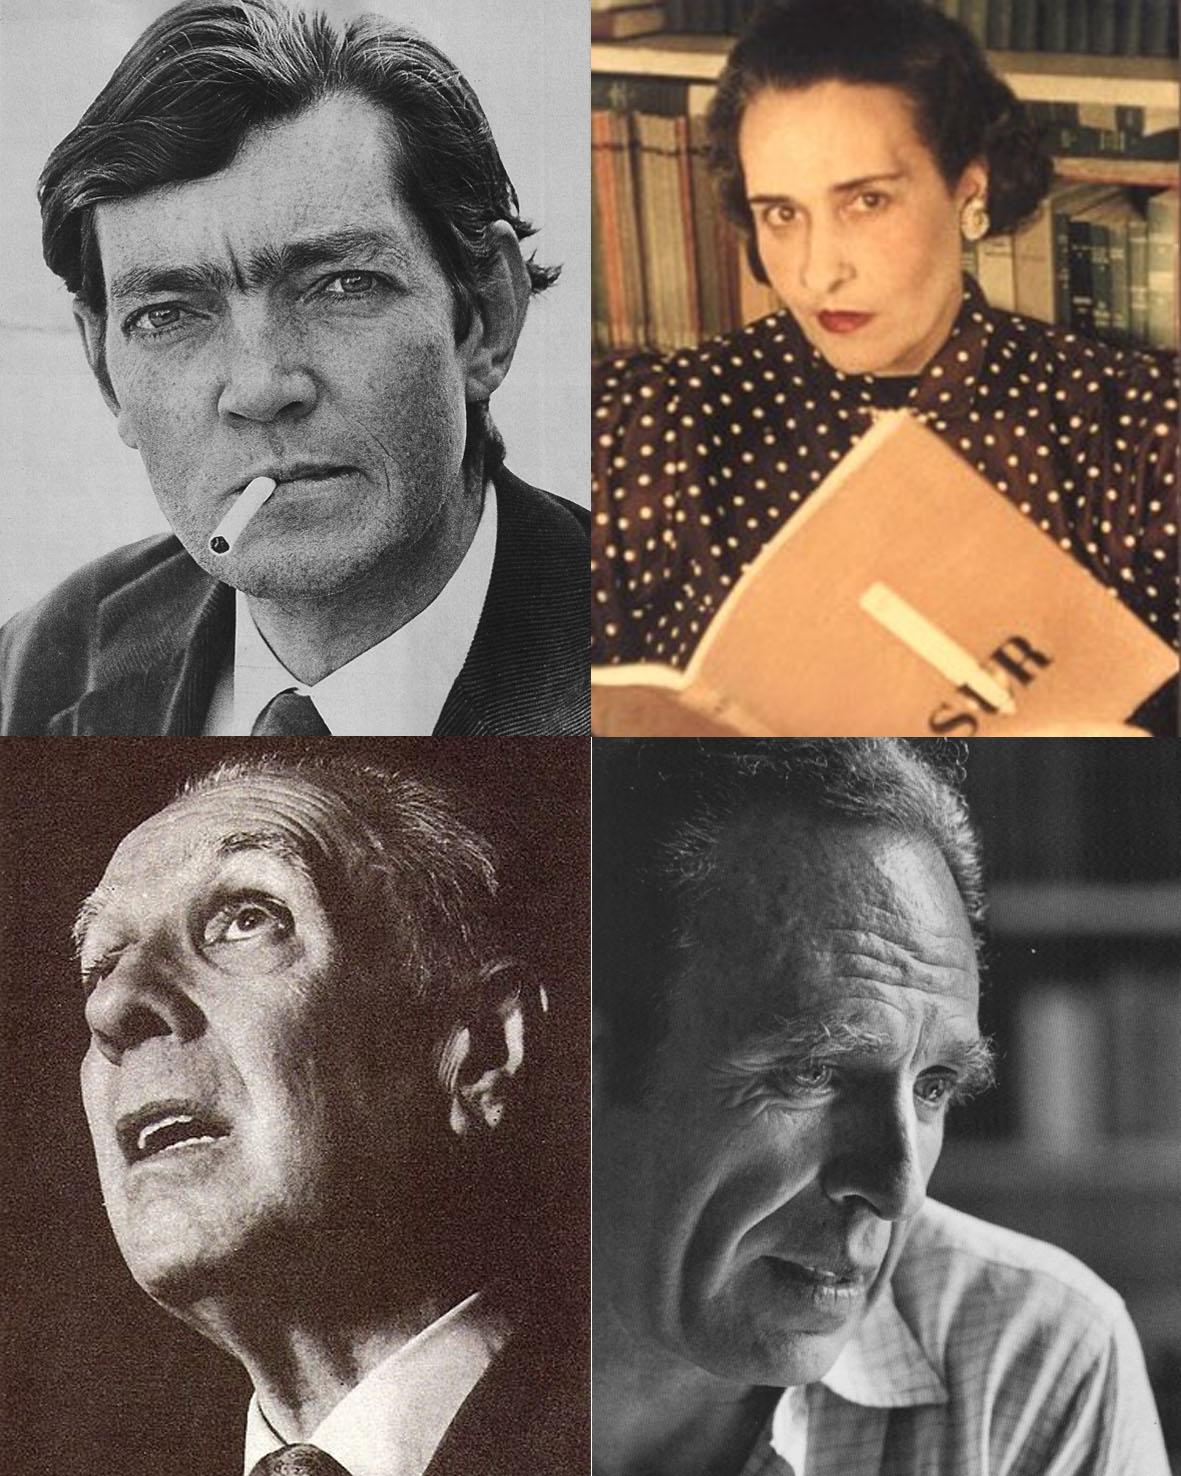 Depiction of Literatura de Argentina